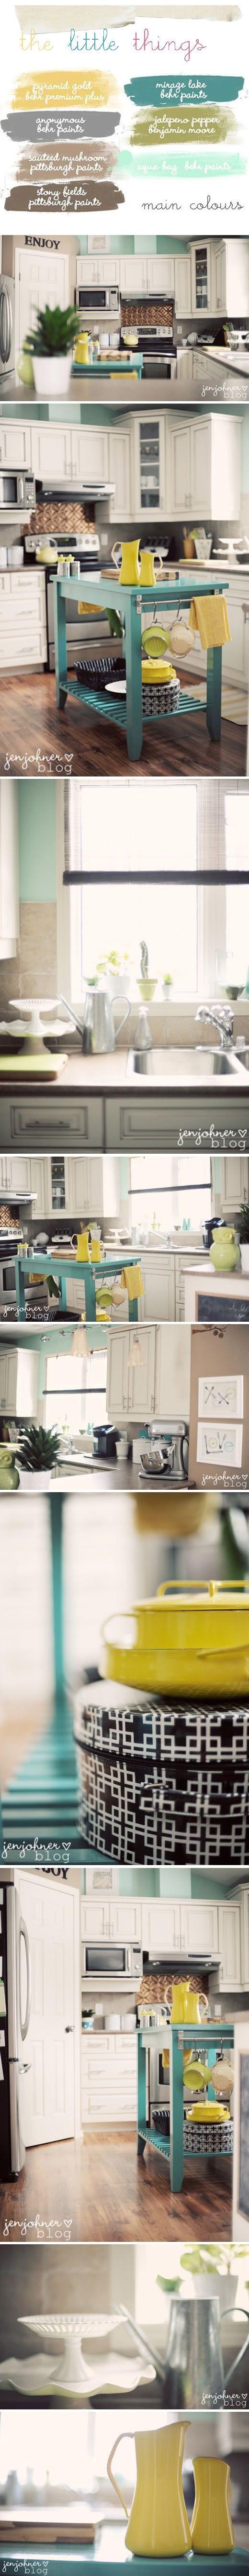 Bunte küchendekor helle küchen beweglichen kücheninsel kücheninseln küche farben esszimmer farben farbschemas küche colorful kitchens